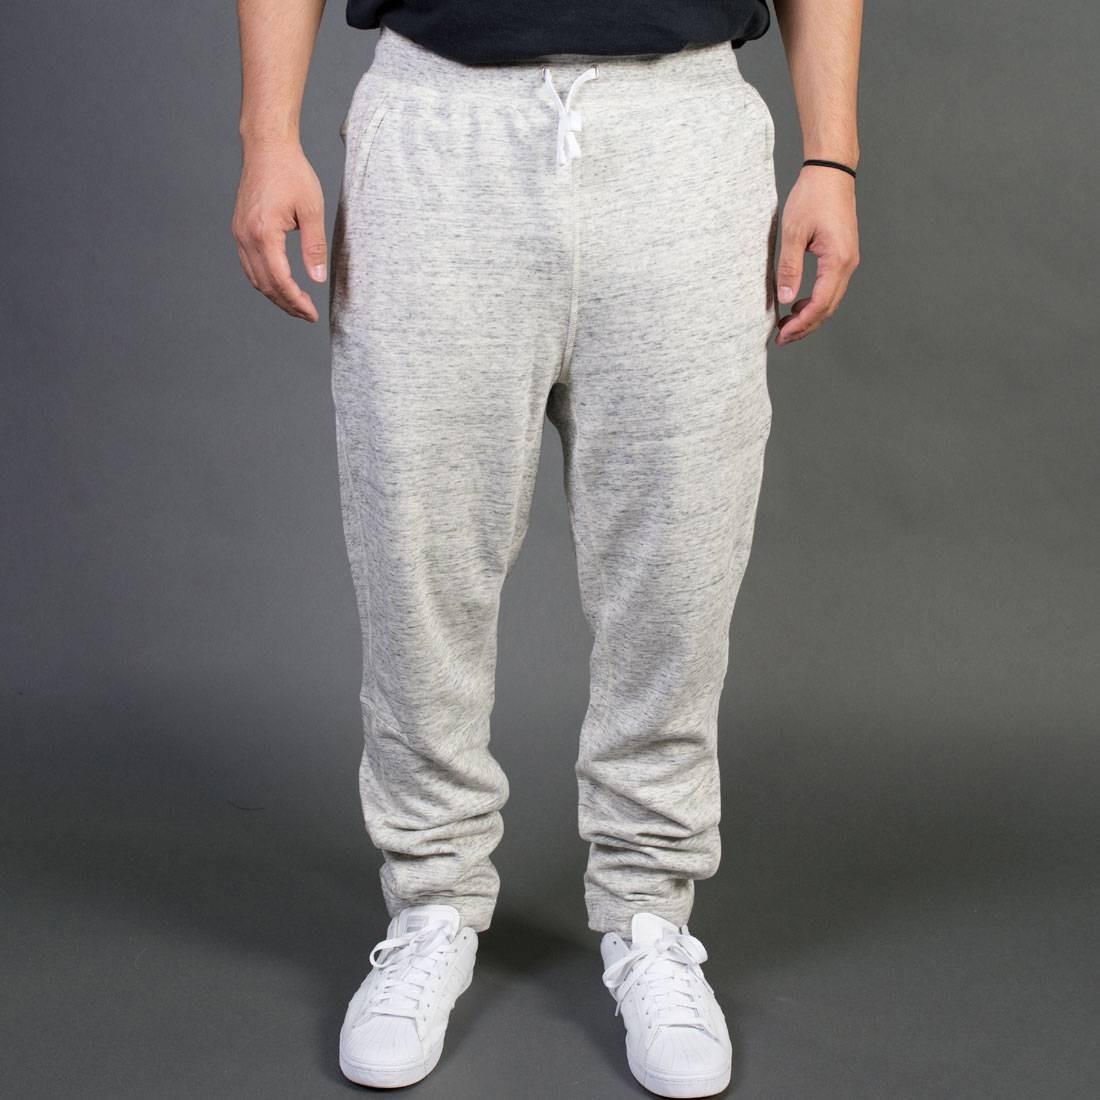 ヘザー 【 HEATHER ADIDAS MEN AARC FT PANTS WHITE GREY 】 メンズファッション ズボン パンツ 送料無料